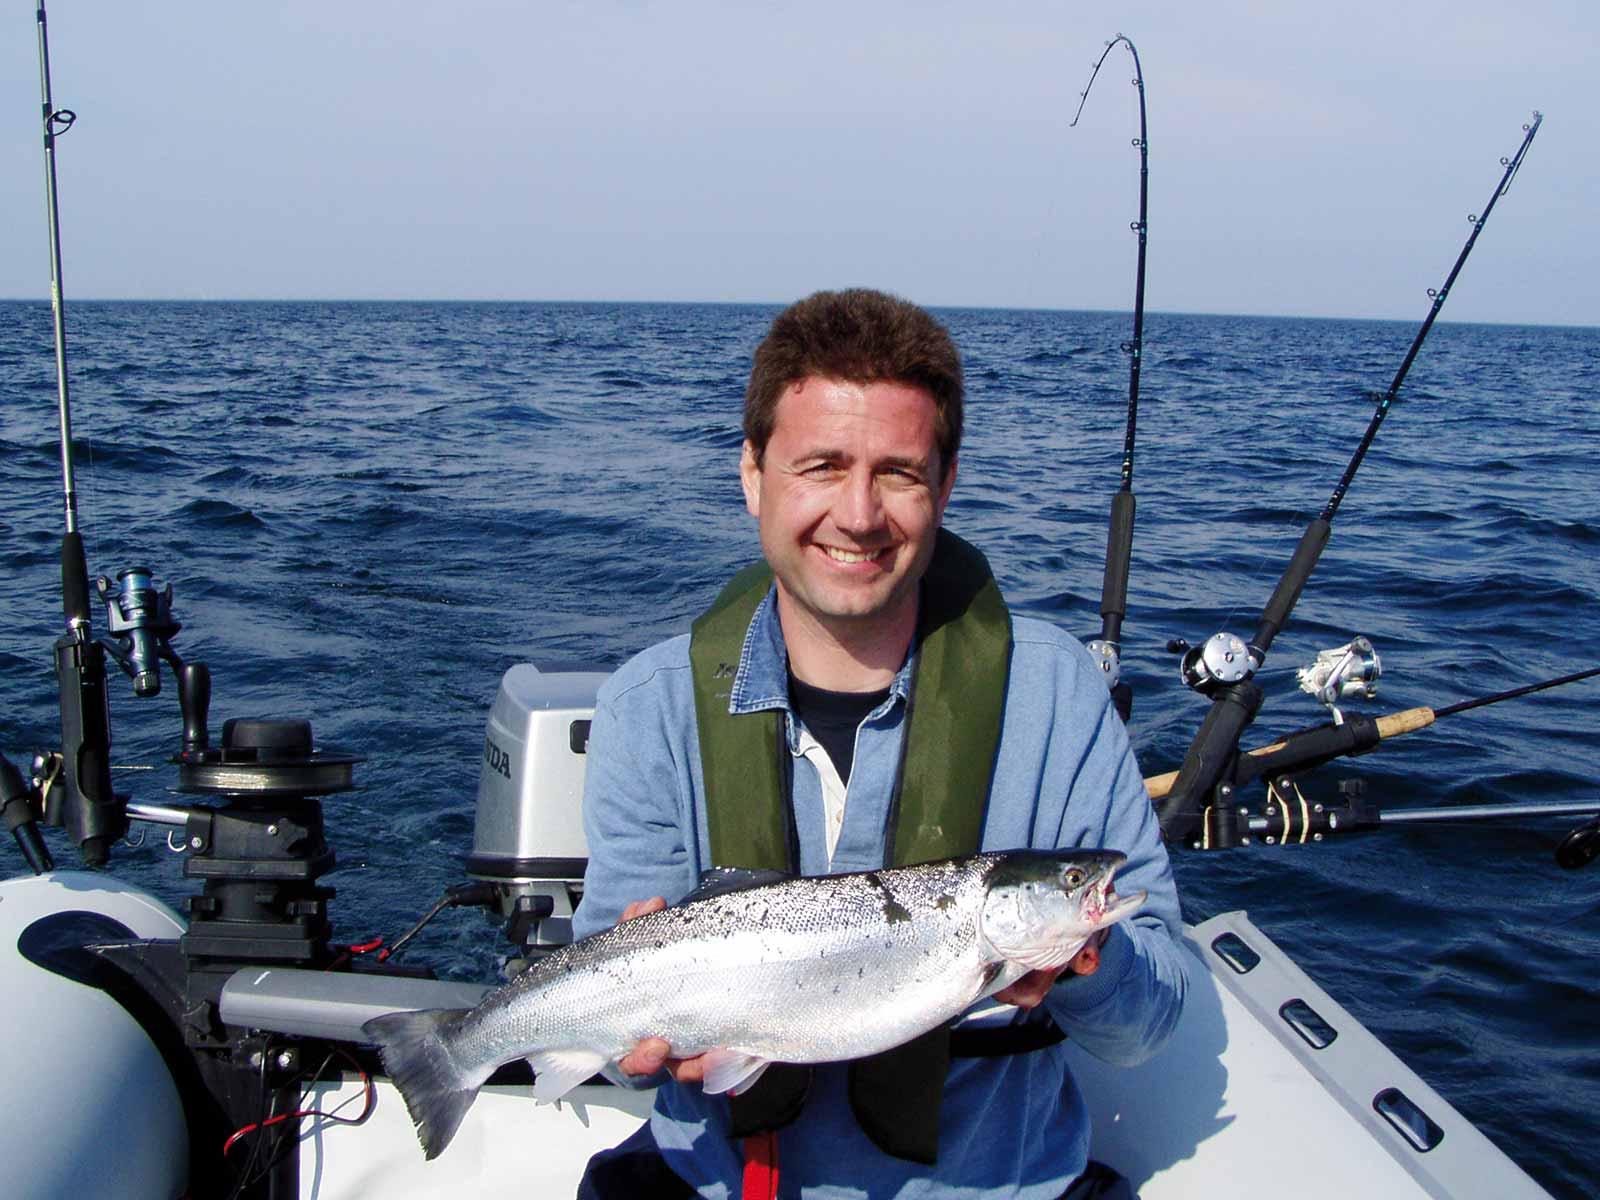 Med gummibåd og fiskestang